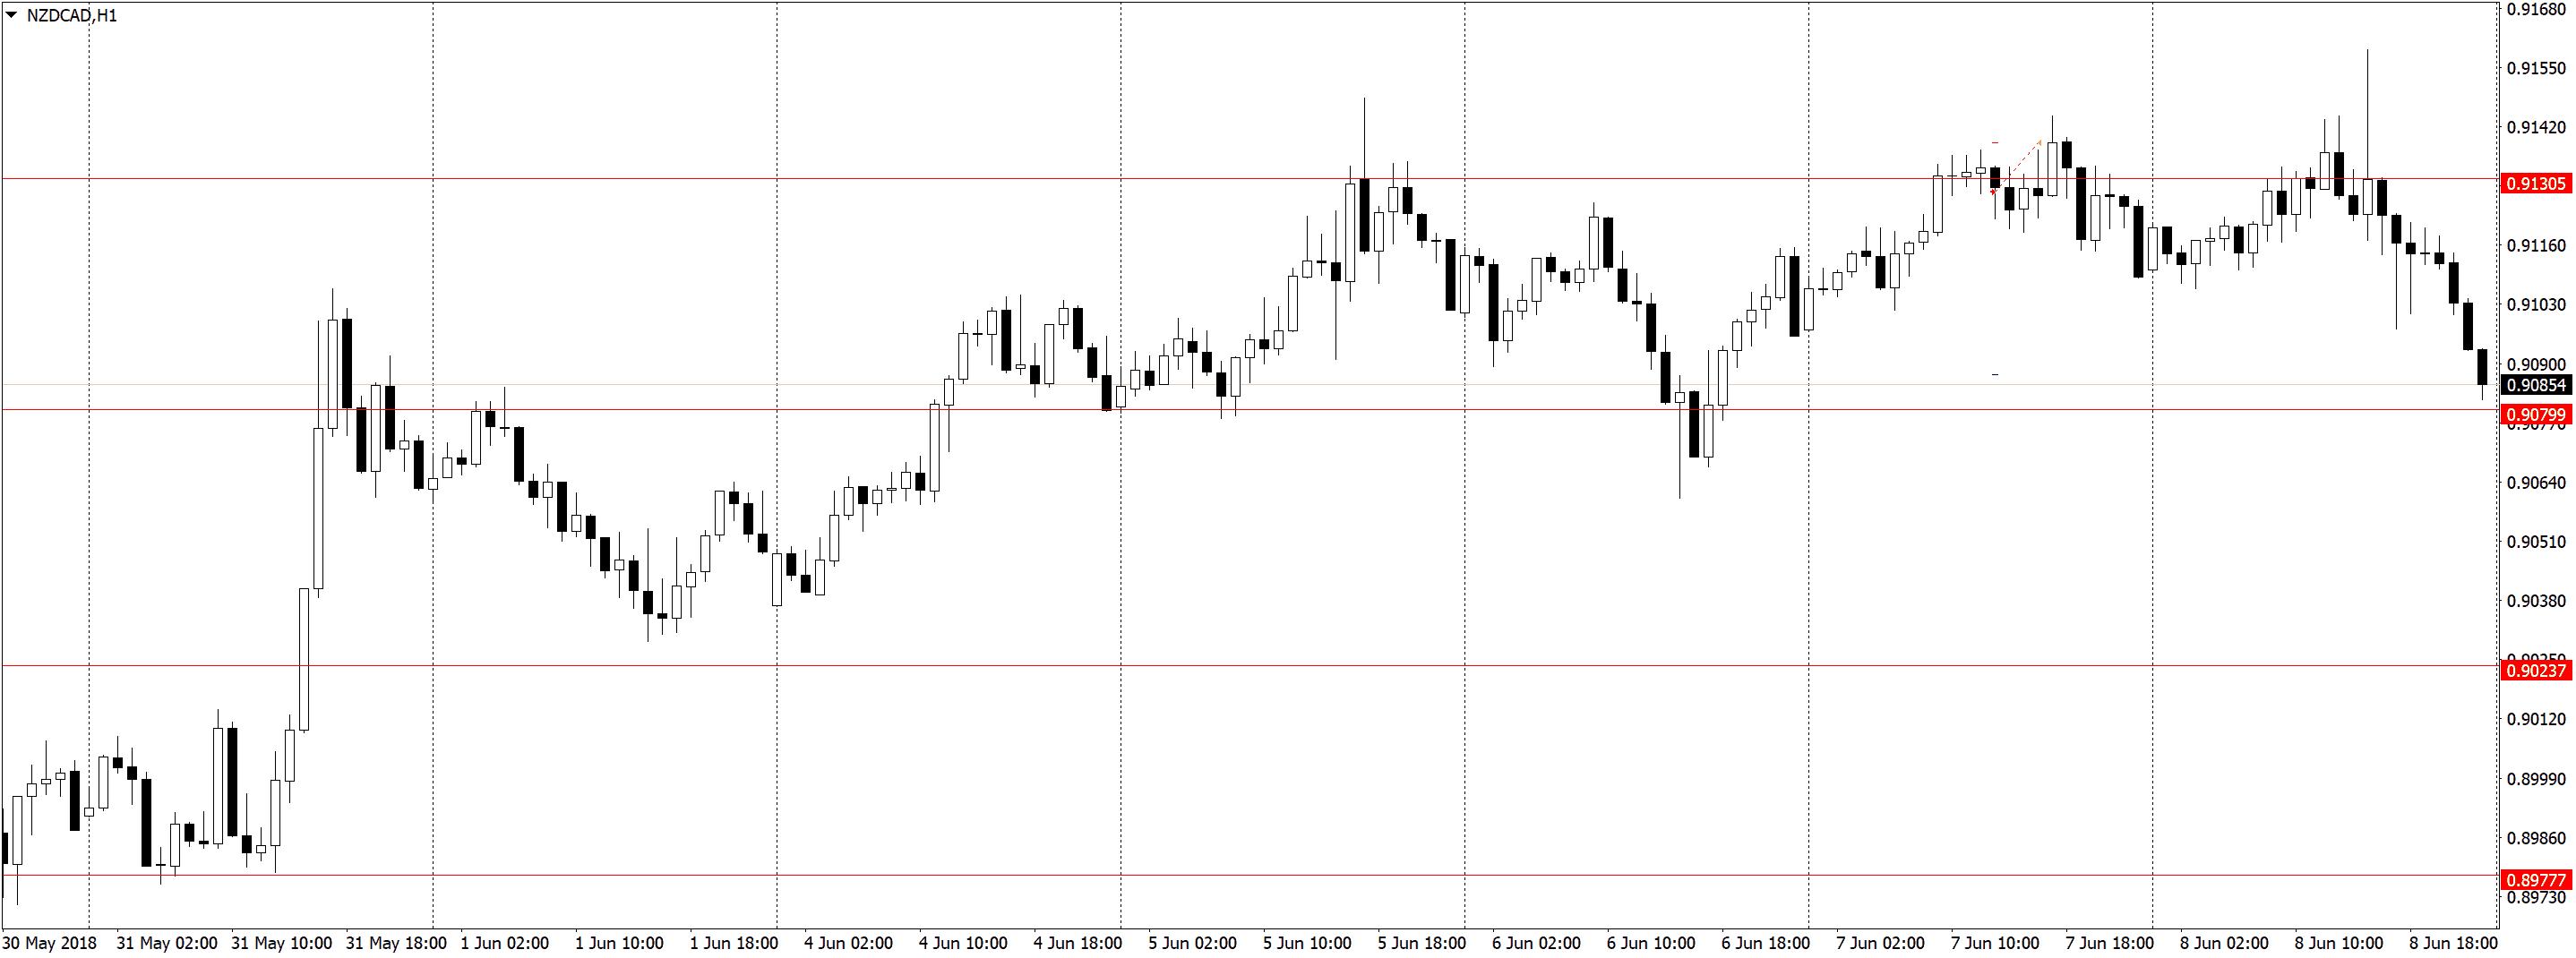 NZDCADH1 1 Торговля по H1, трейдинг в удовольствие, три состояния рынка